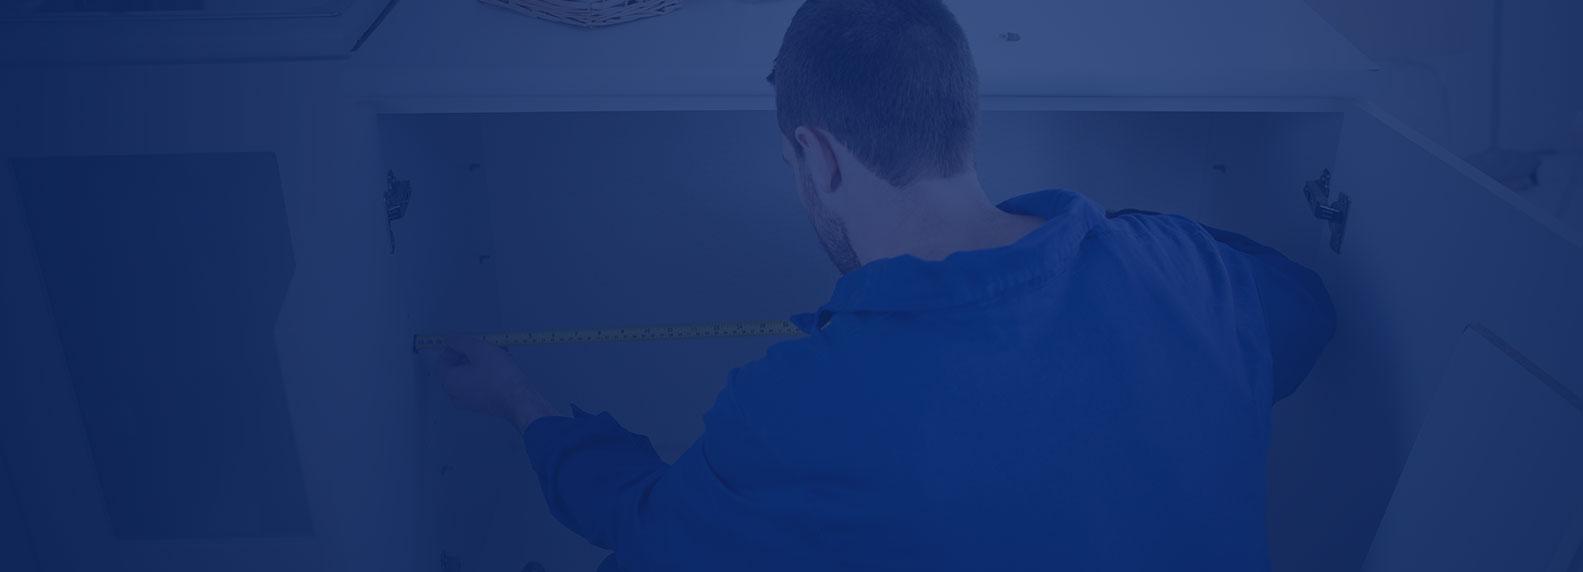 repairing plumber